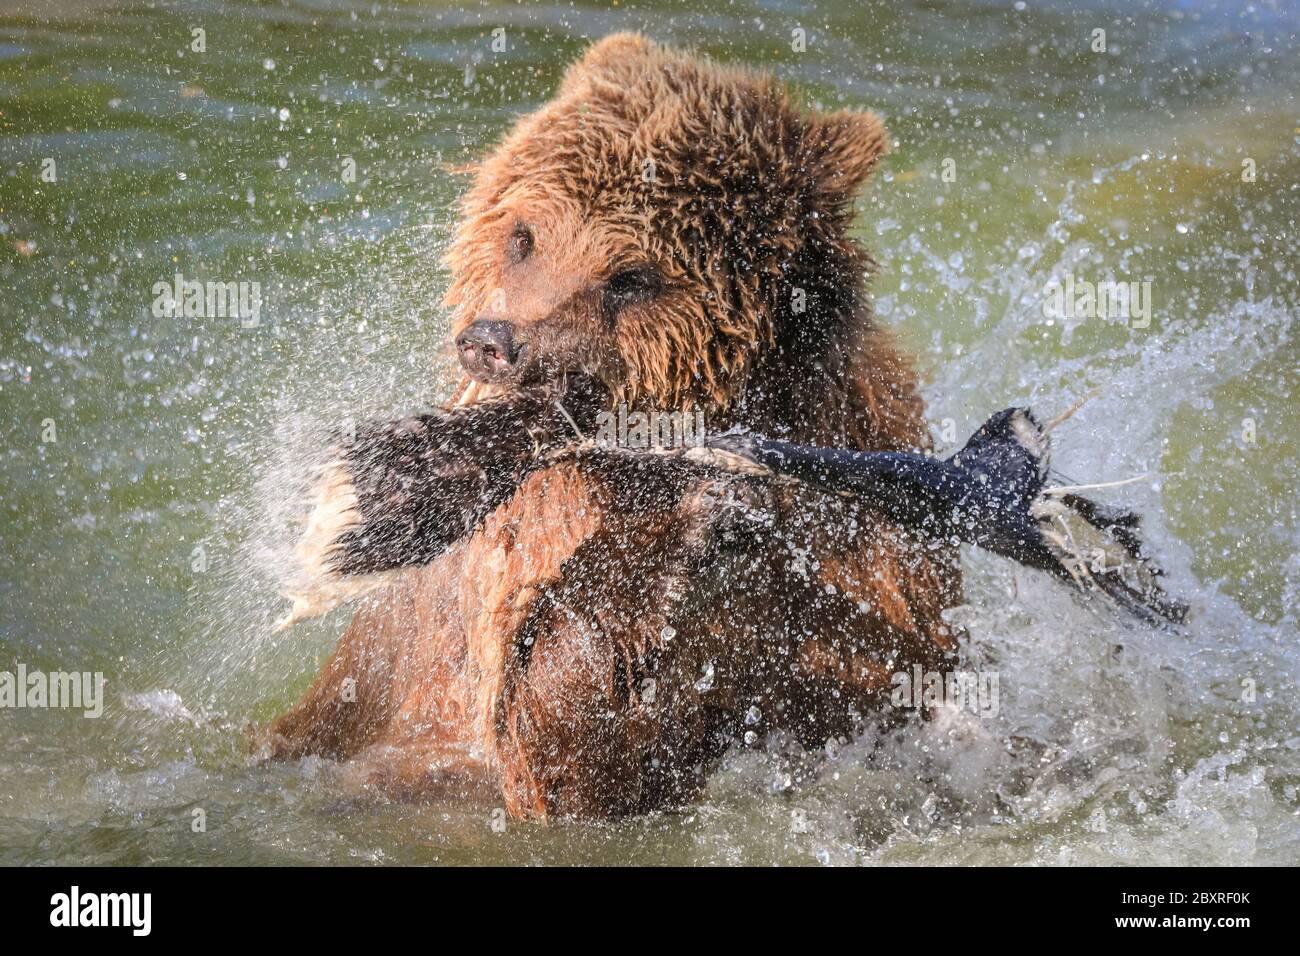 Eurasischer Braunbär Ursus arctos) Weibchen im ZSL Whipsnade Zoo genießt Baden und spritzt im Wasser, Großbritannien Stockfoto